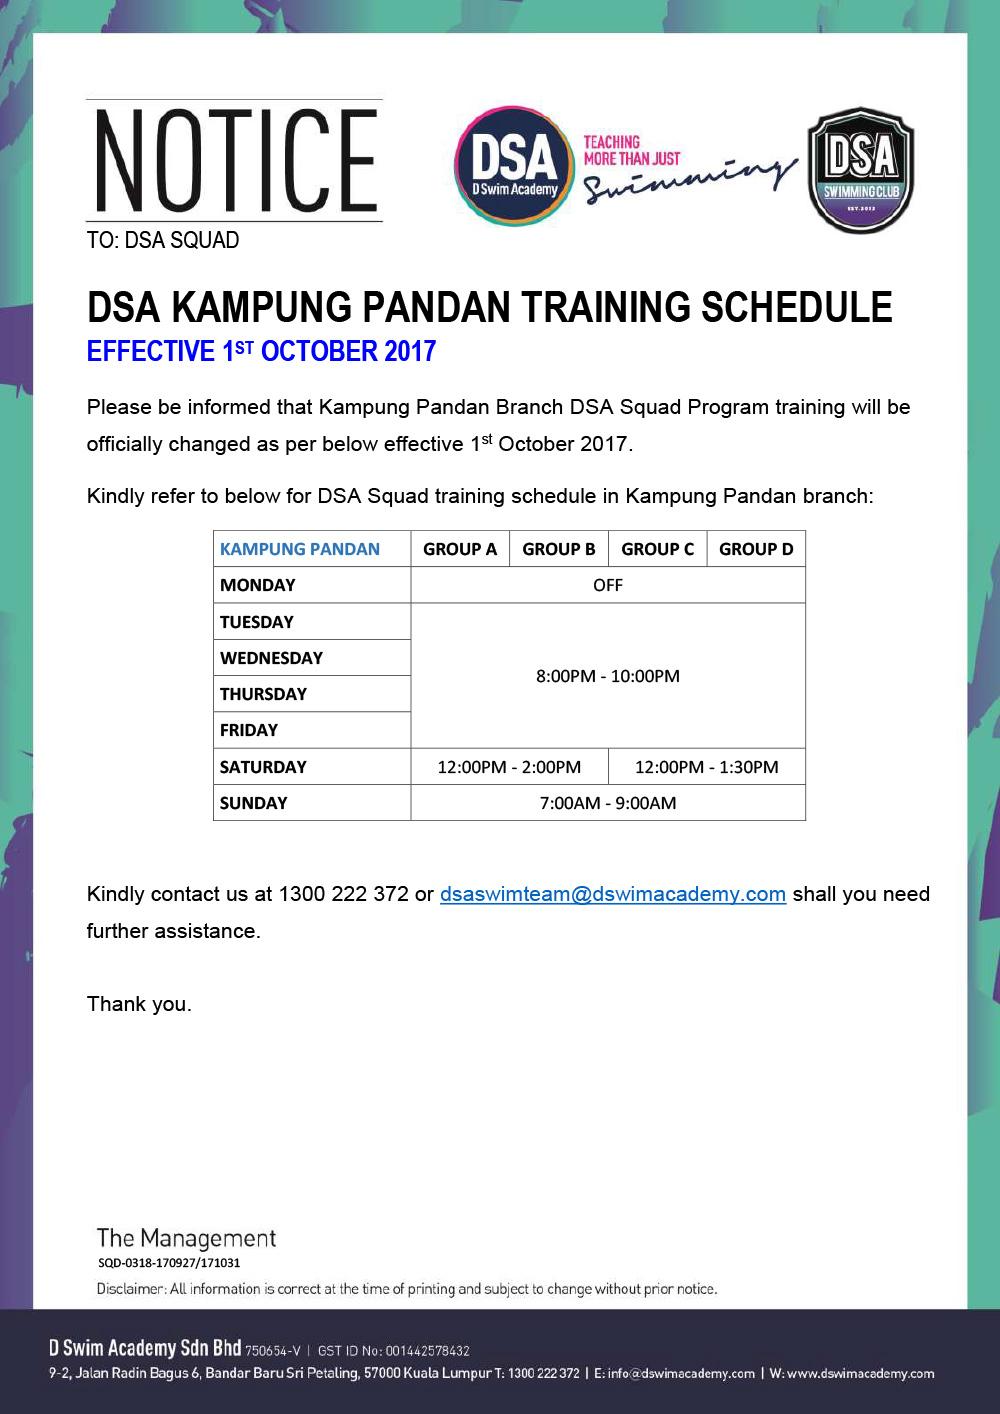 Kampung-Pandan-Training-Schedule